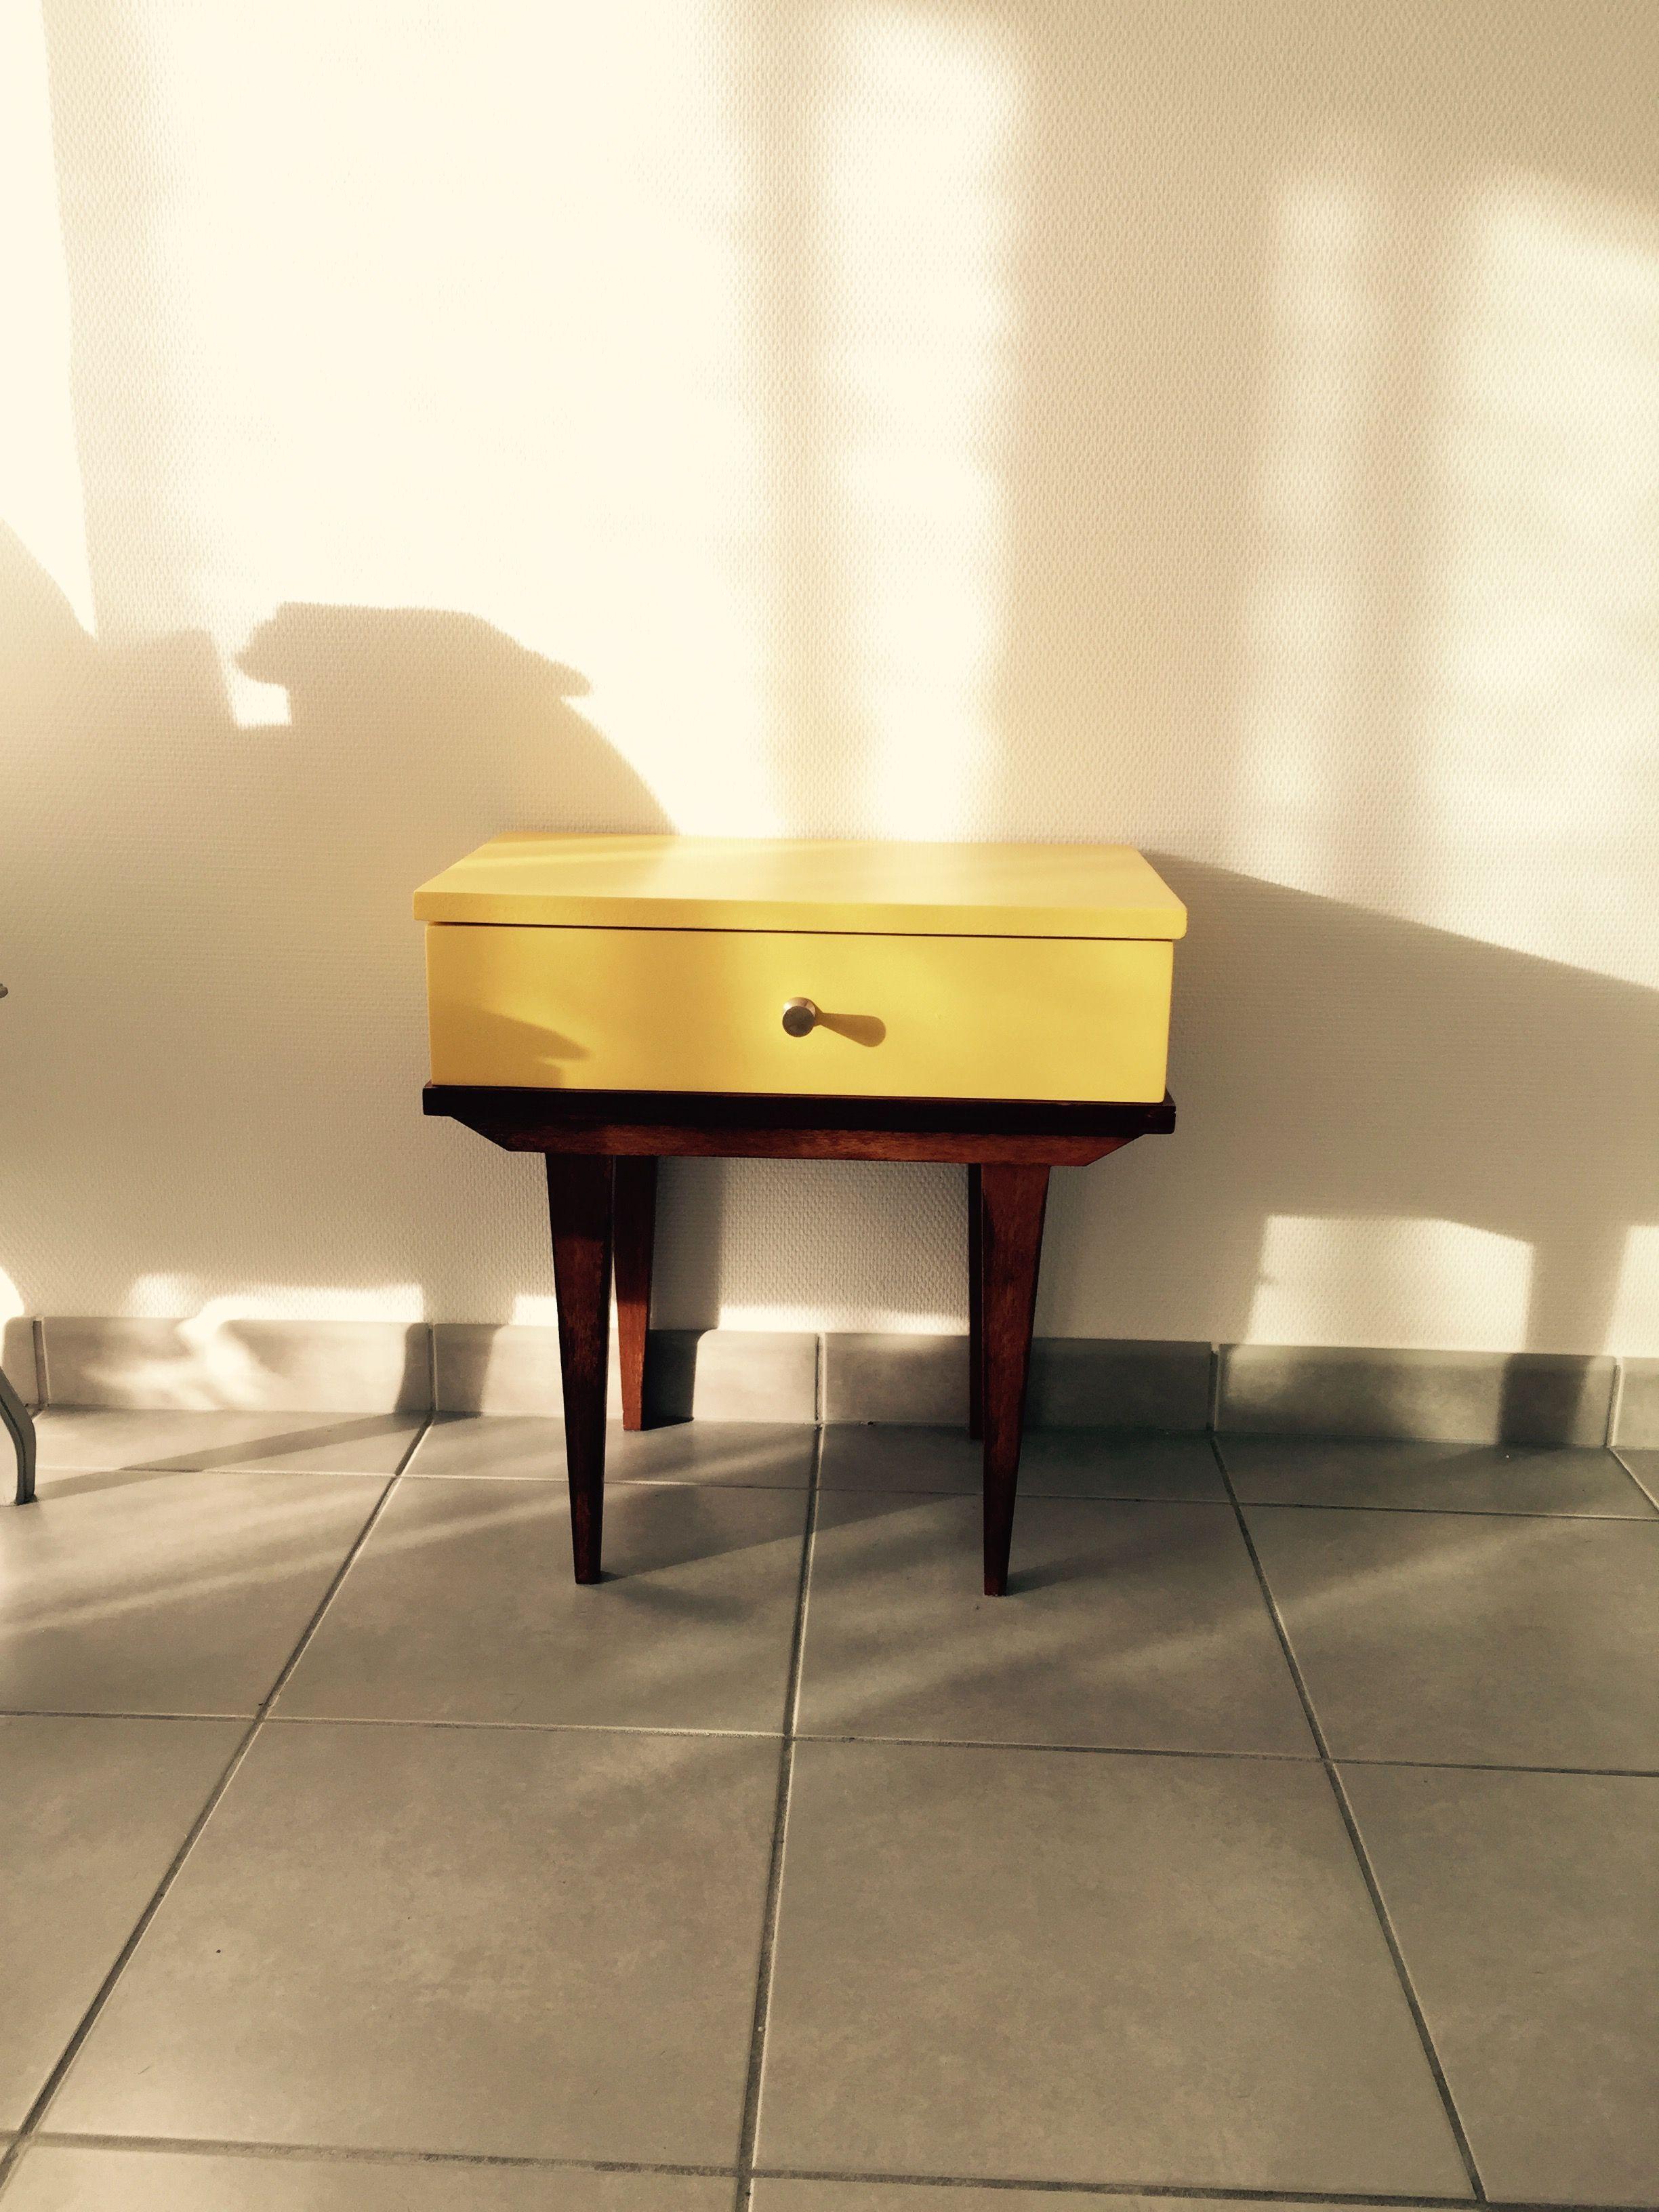 Petite table vintage, années 60, refaite avec amour. Idée déco ...